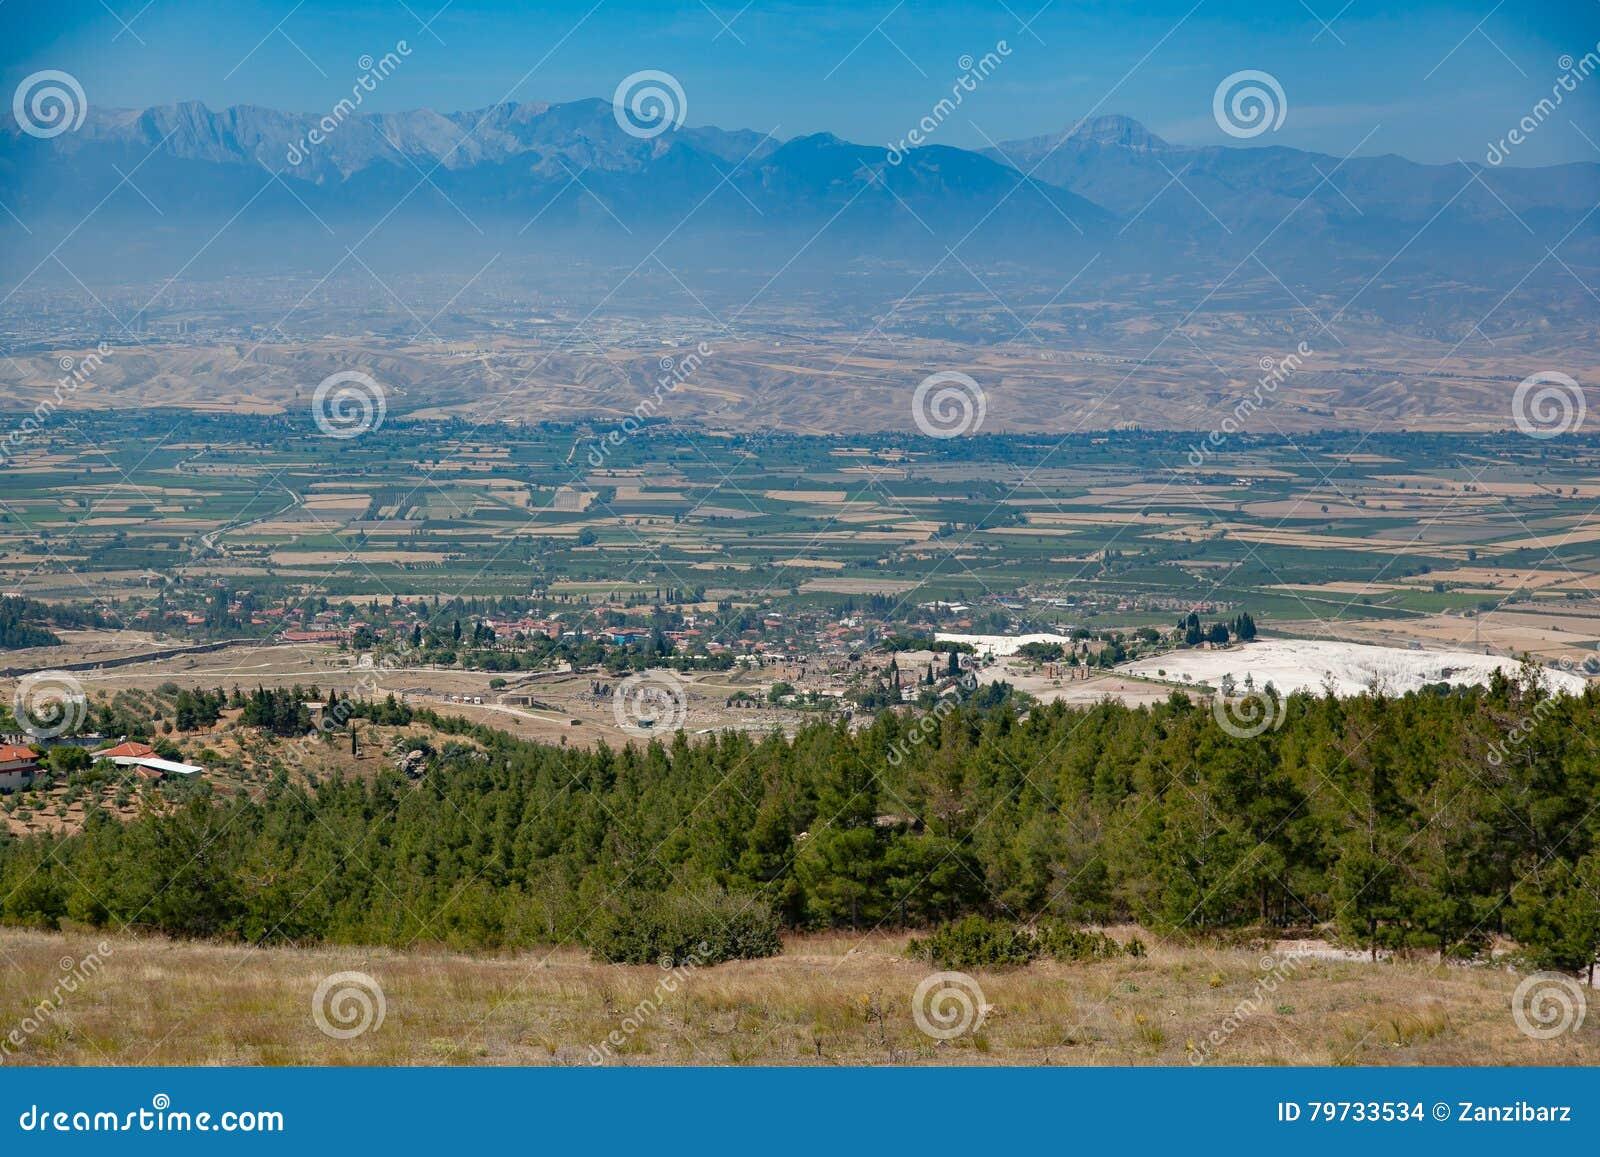 Valle del campo y de la montaña en Turquía, d3ia